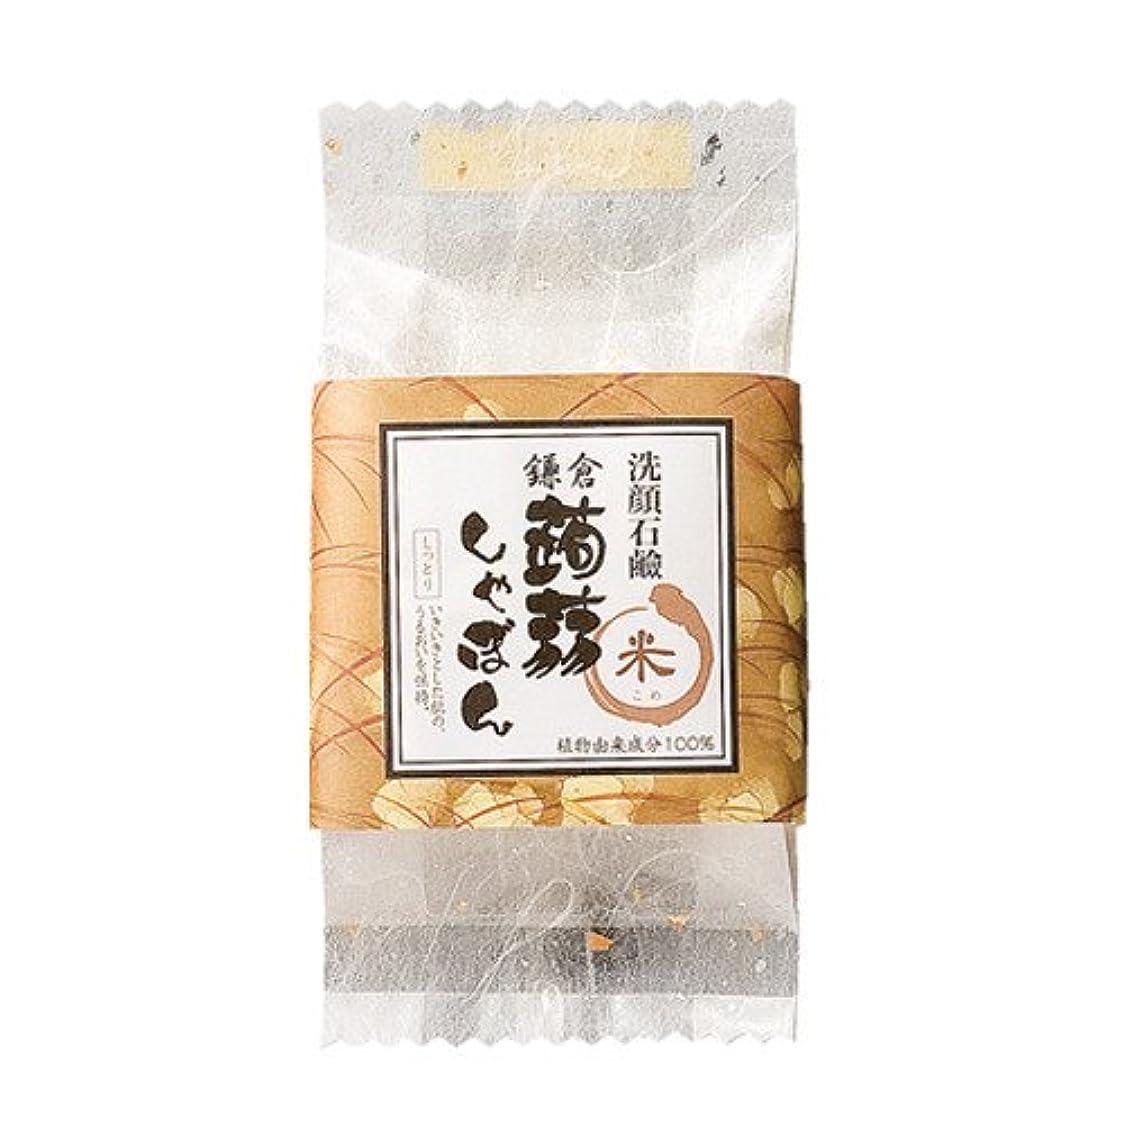 ワークショップ分数墓地鎌倉 蒟蒻しゃぼん 米